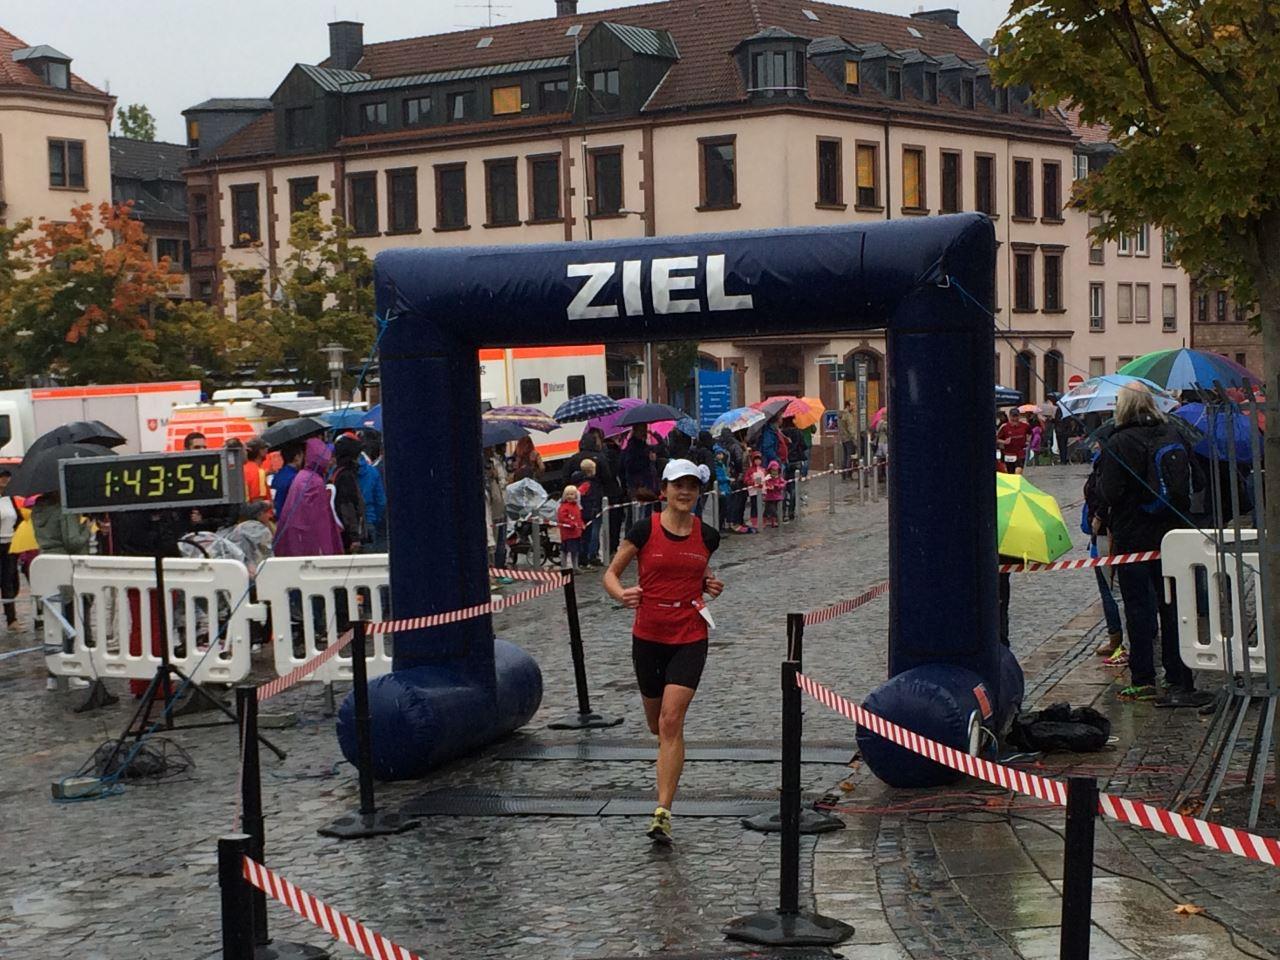 Aschaffenburger Halbmarathon 2015 - Zieleinlauf Lina Minejewa, TV Schweinheim